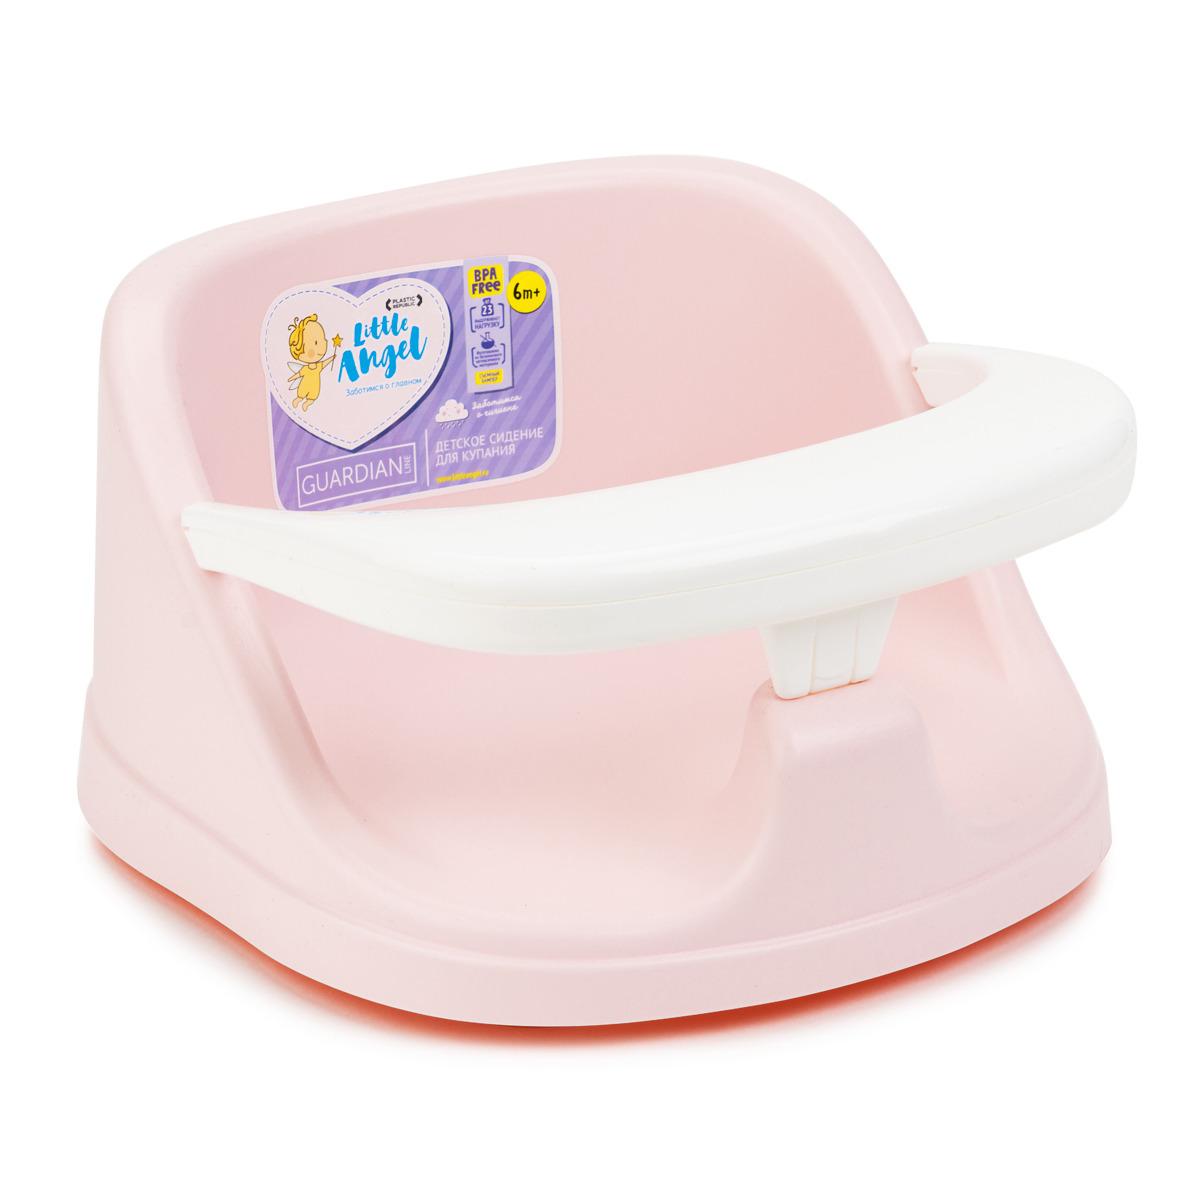 Стульчик для купания Little Angel Guardian, LA1790RSP, розовый